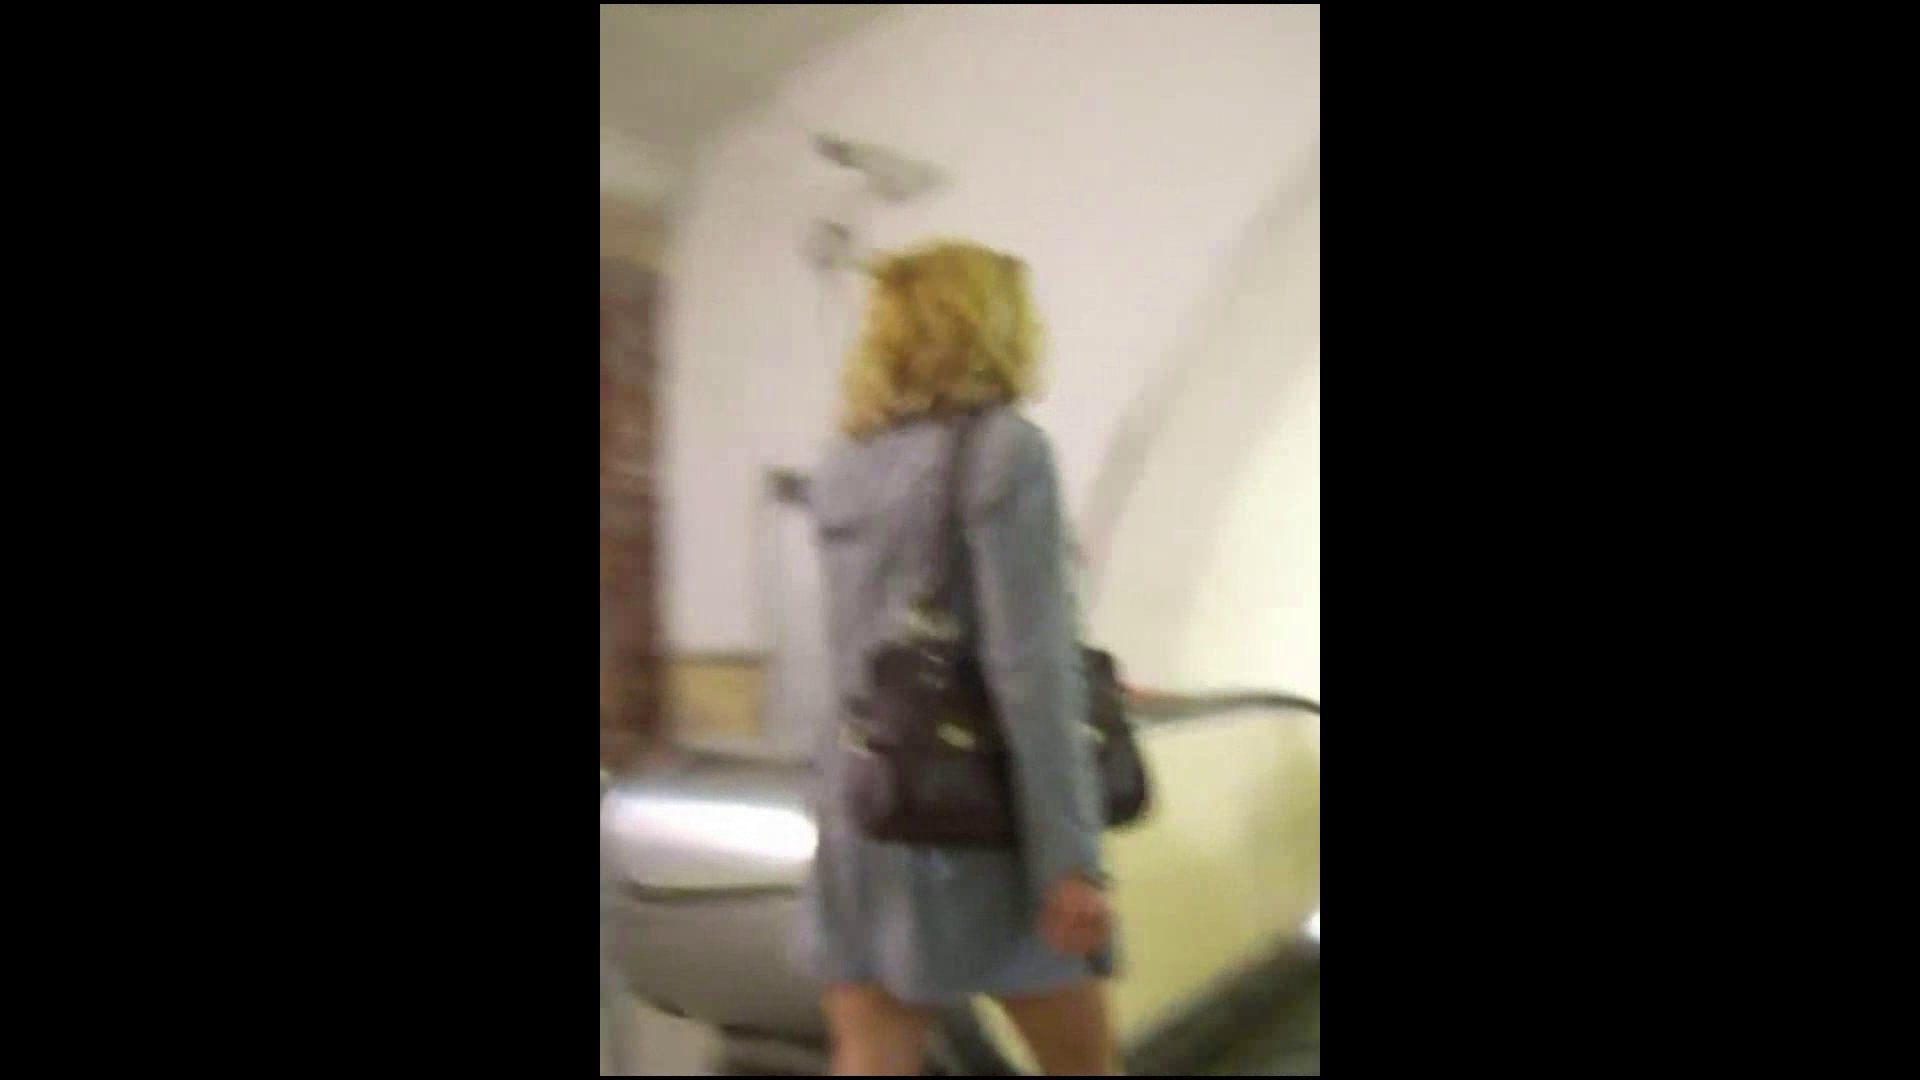 綺麗なモデルさんのスカート捲っちゃおう‼vol06 美しいOLの裸体  103pic 60